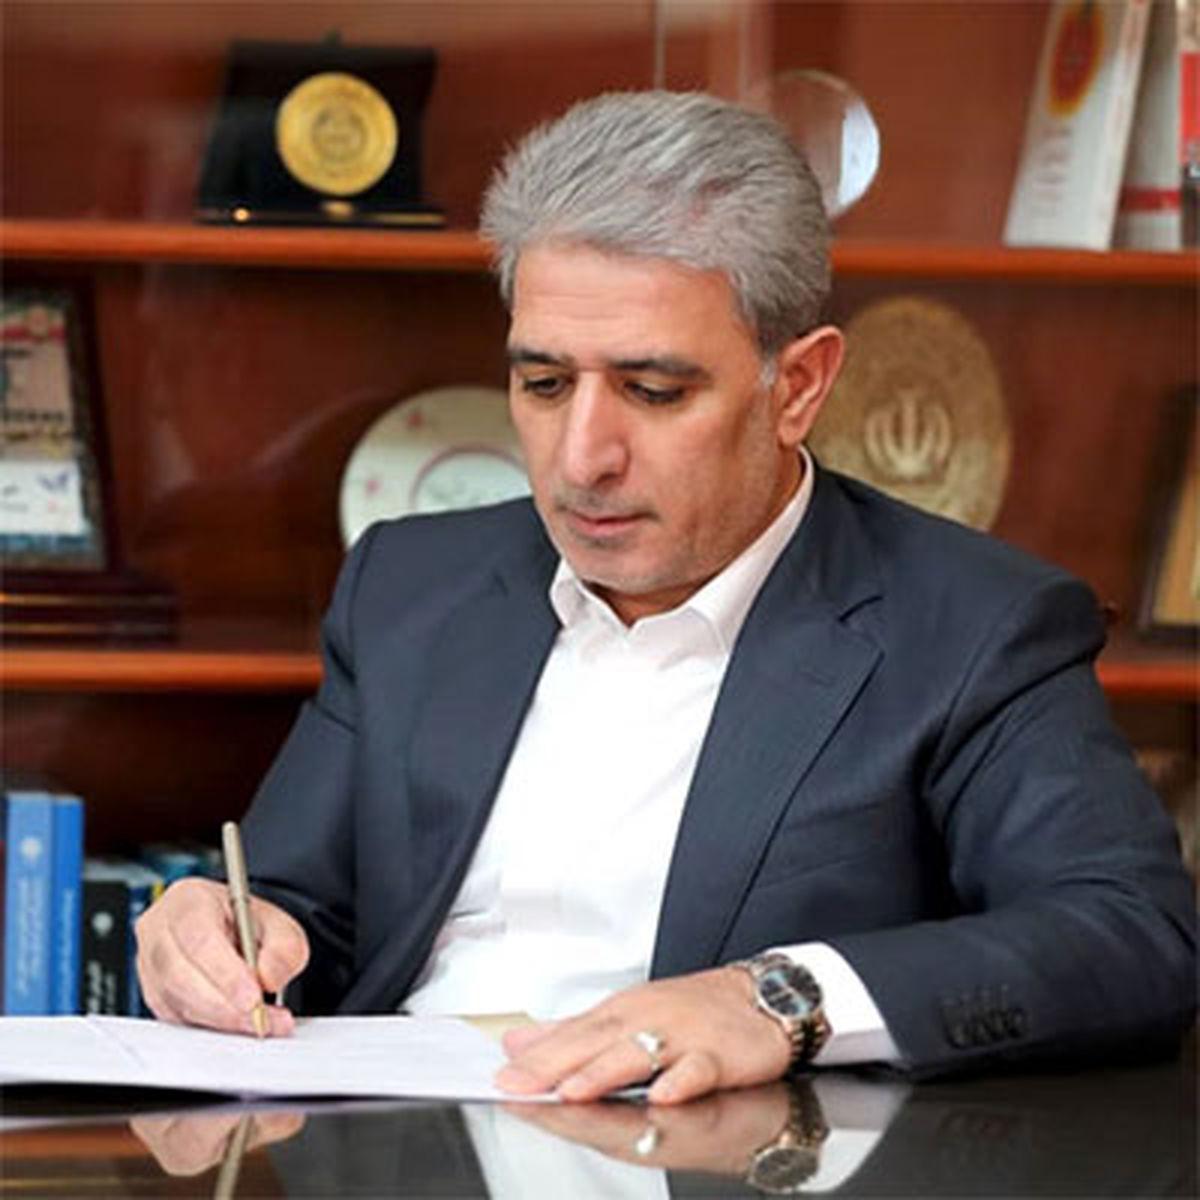 پیام تبریک مدیرعامل بانک ملی ایران به رئیس جمهور منتخب منتشر شد